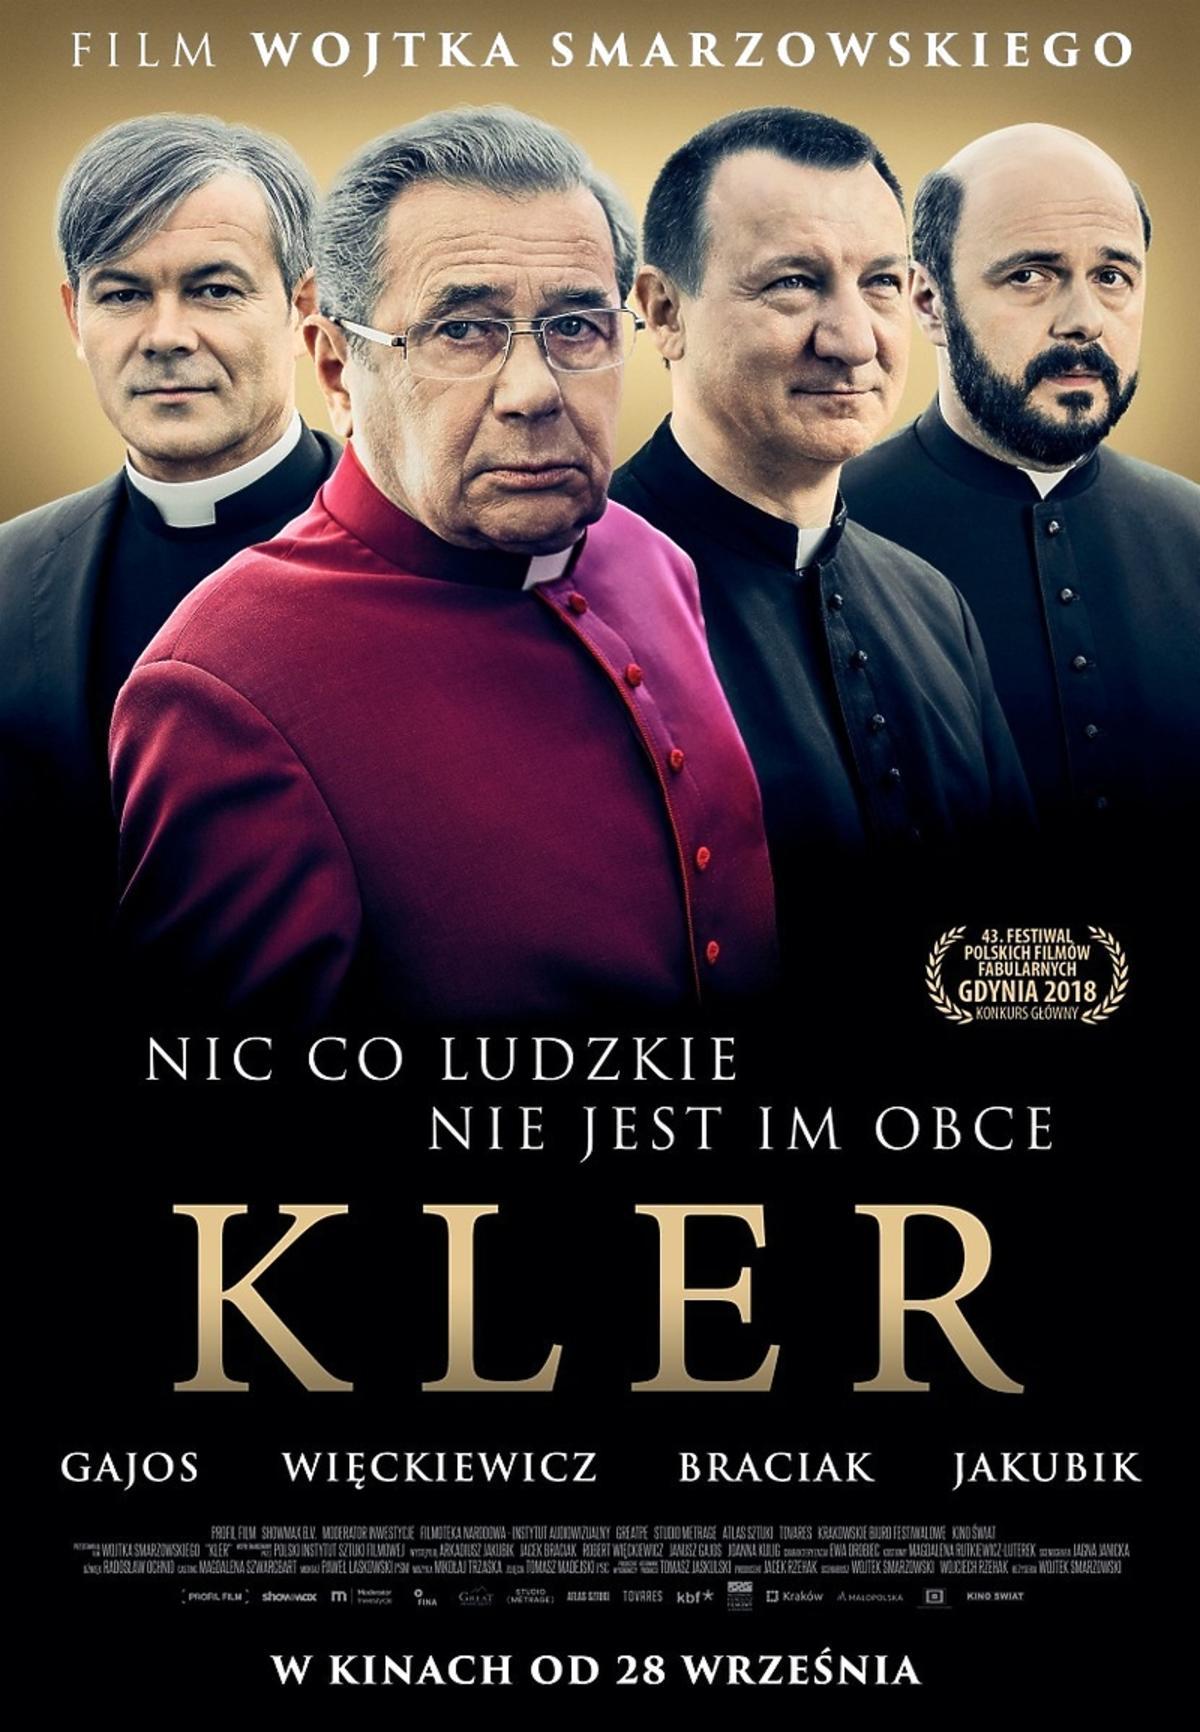 Kler - oglądalnośc, ile widzów